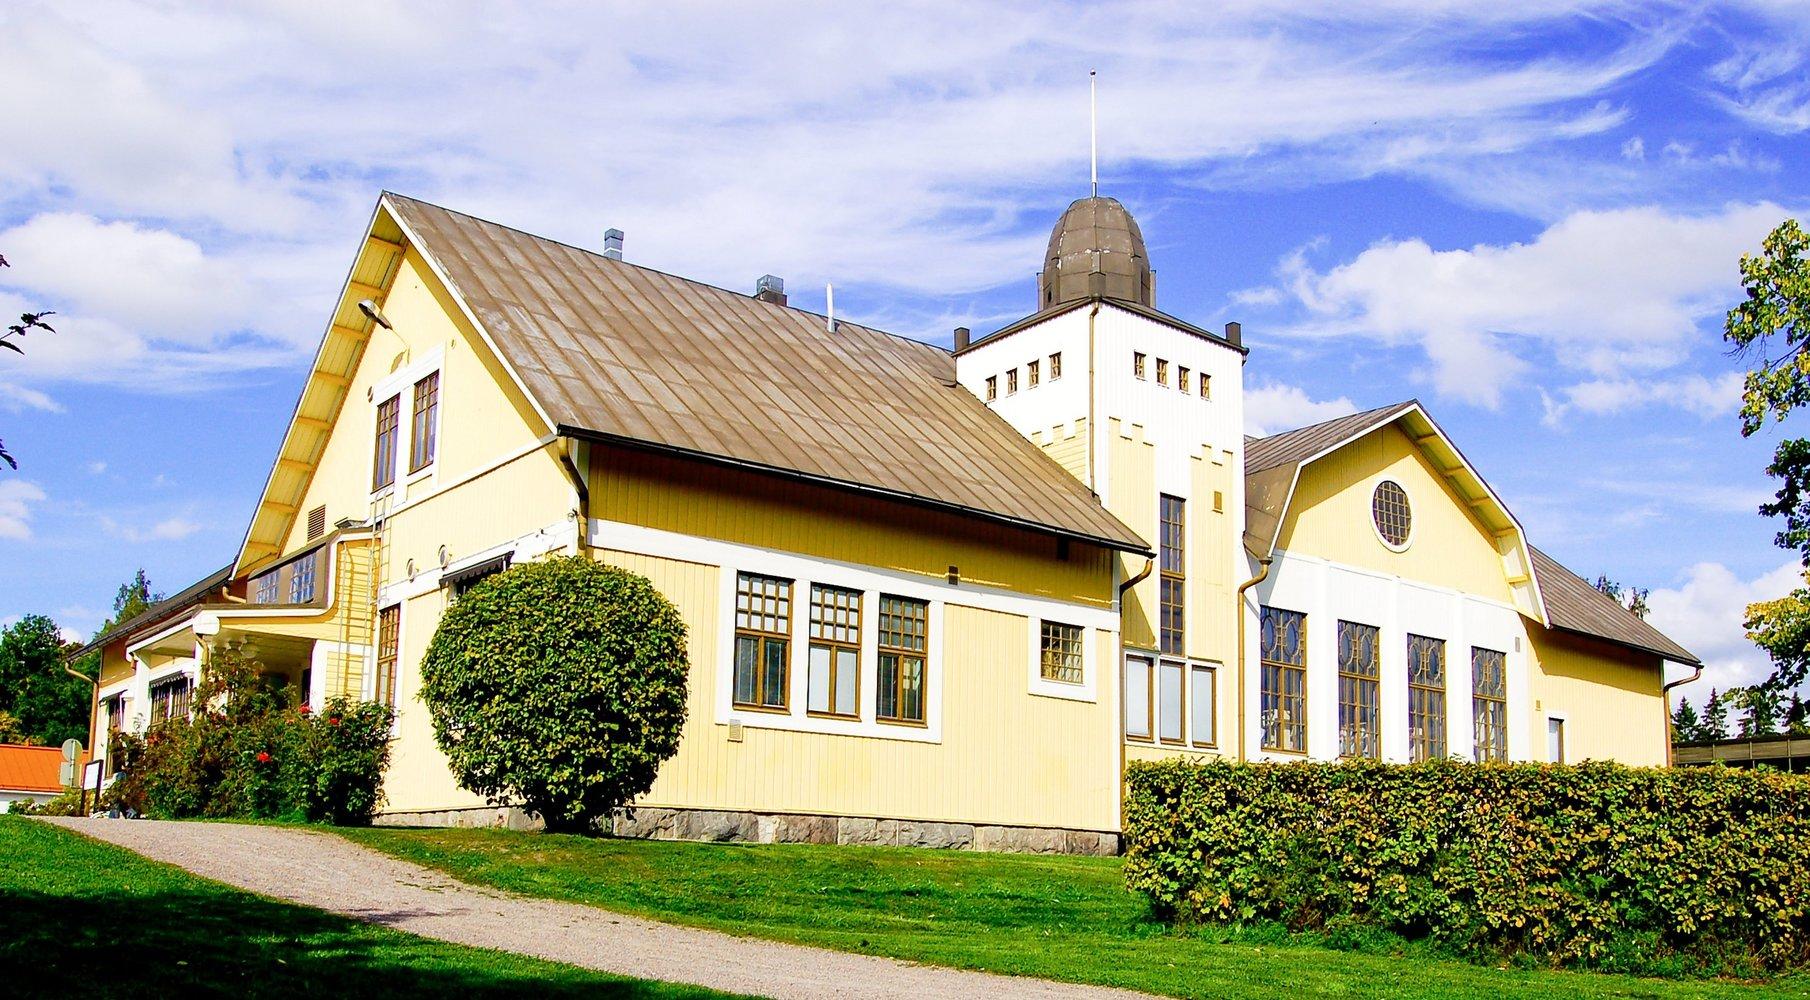 Vihdin Kirkonkylän kirjasto